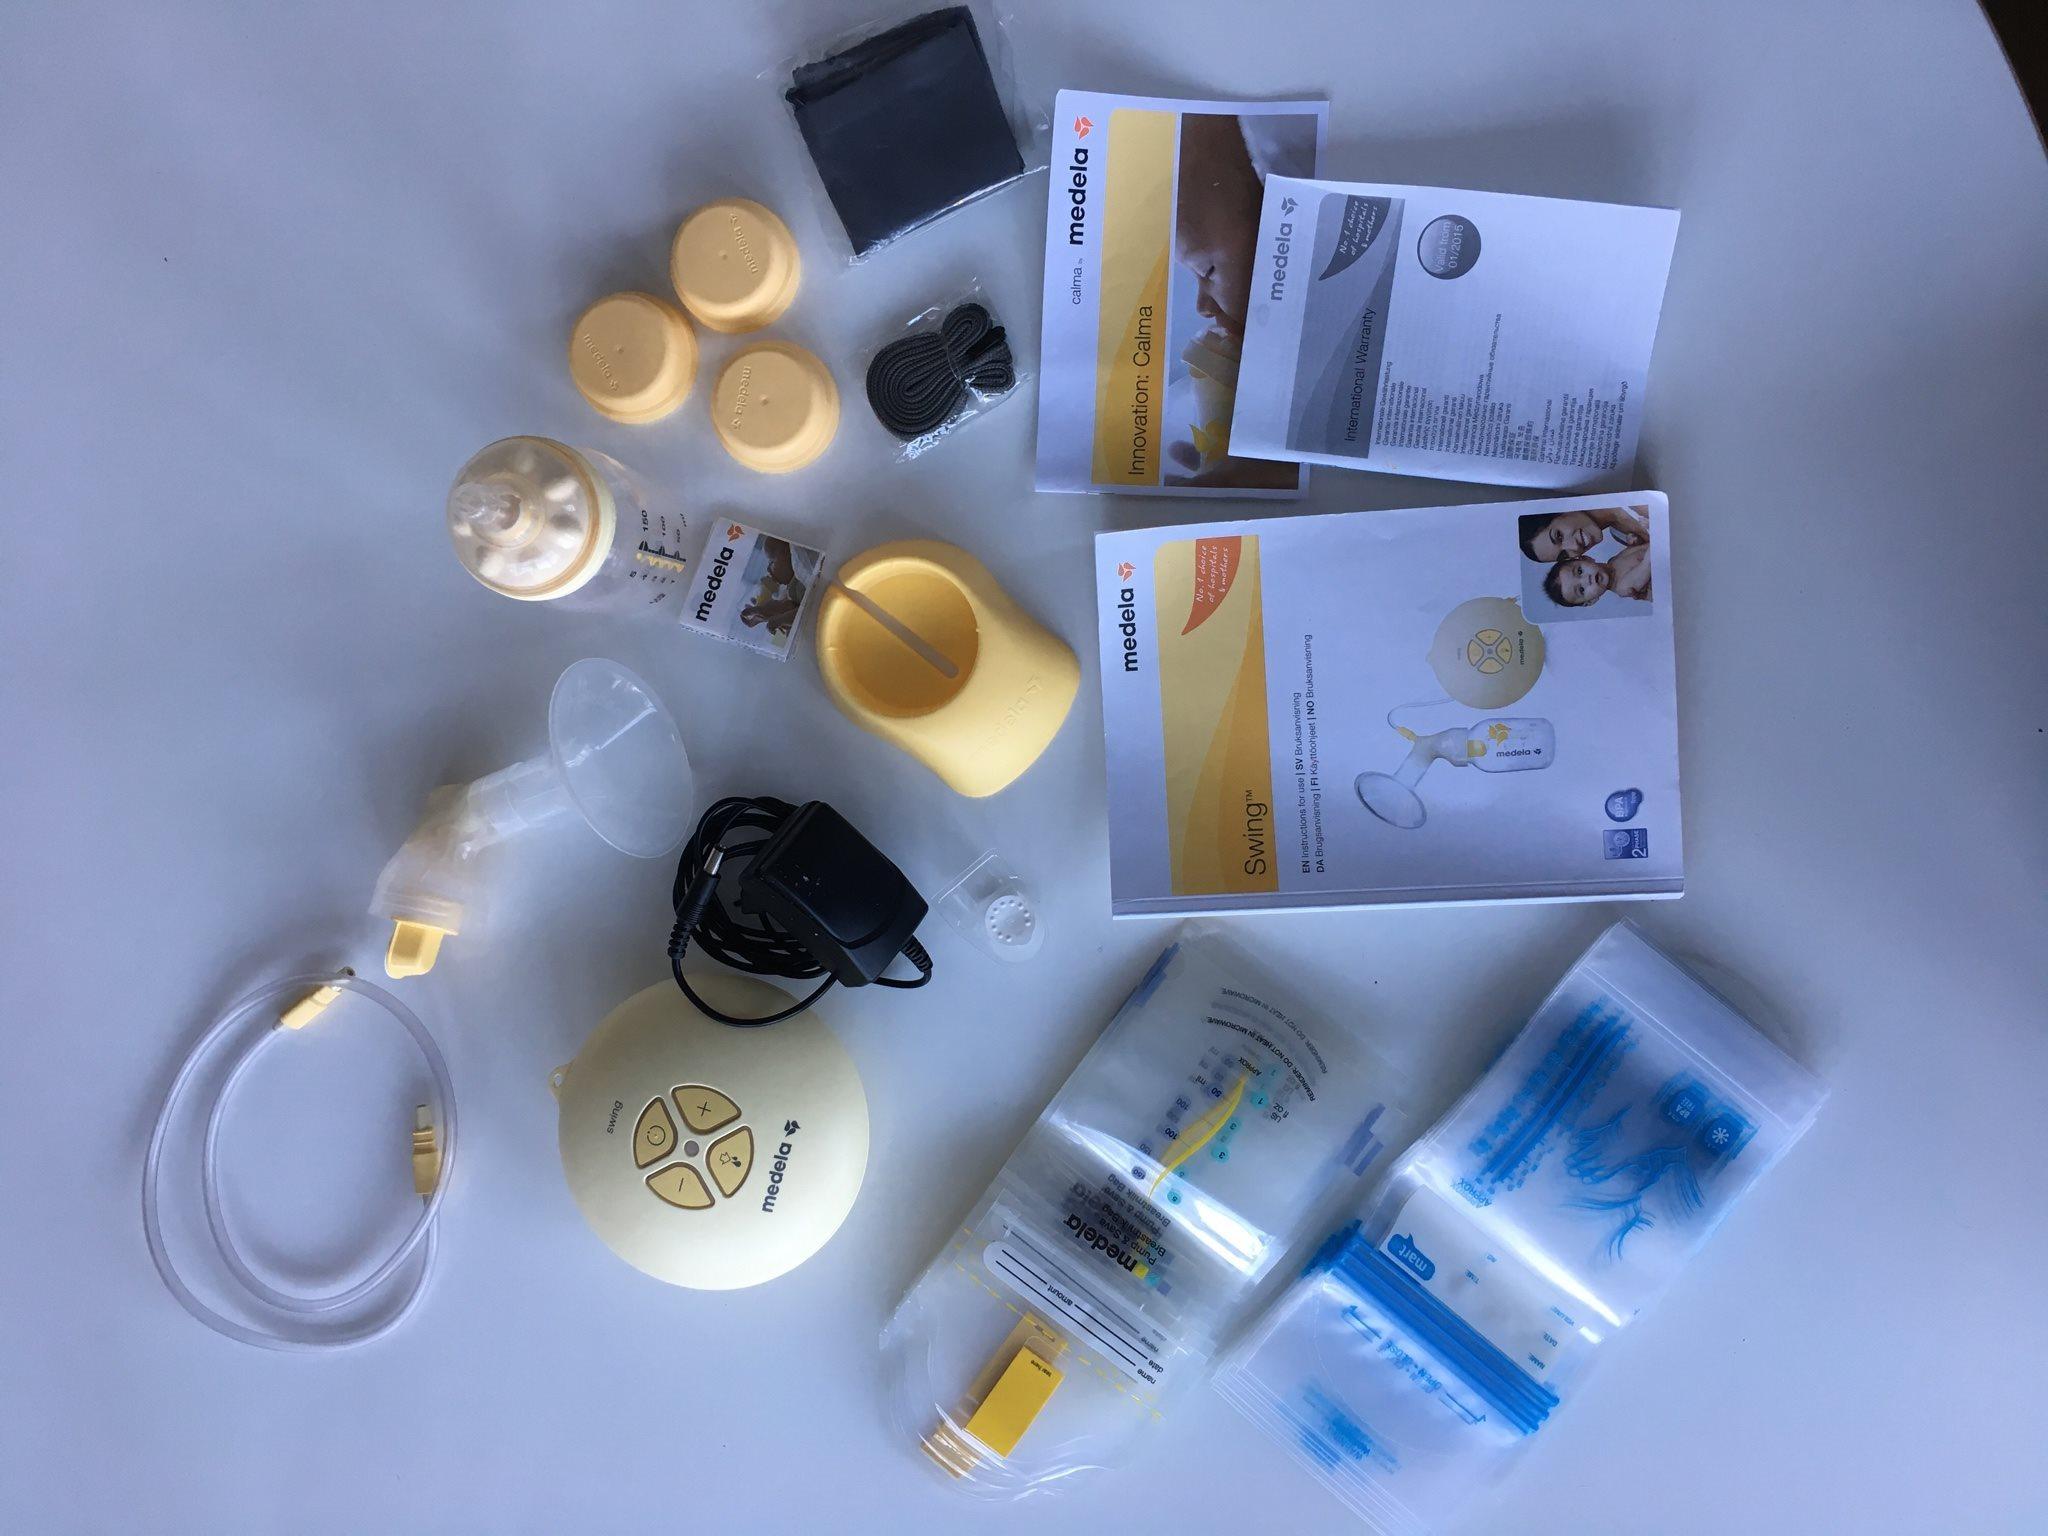 Medela Bröstpump Swing + Bröstmjölkspåsar (330968841) ᐈ Köp på Tradera 3e79a21532f7a